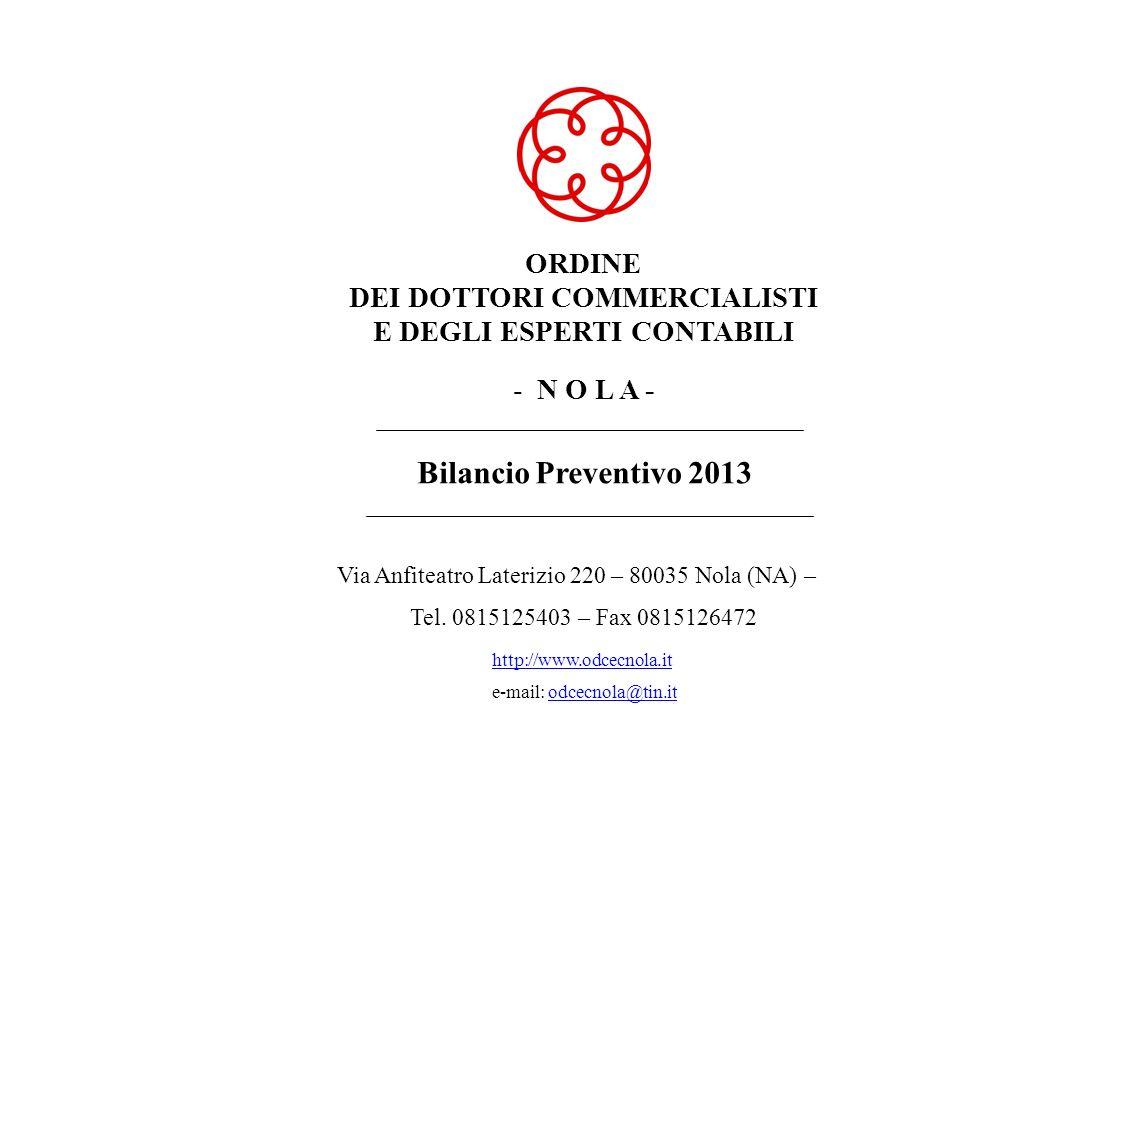 ORDINE DEI DOTTORI COMMERCIALISTI E DEGLI ESPERTI CONTABILI DI NOLA Bilancio Preventivo Finanziario Esercizio 2013 SPESA Avanzo di Cassa 469,04 Totale a pareggio 566.063,20514.135,0021.040,0072.968,20 714.277,69 199.673,65 30/10/2012 - 13.31.26Pagina: 9 Capitolo Residui passivi presunti all anno 2012 Previsioni definitive dell anno 2012 Previsioni di competenza dell anno 2013 Previsioni di cassa per l anno 2013 CodiceN.DenominazioneV a r i a z i o n iV a r i a z i o n iSomme risultanti In aumentoIn diminuzione